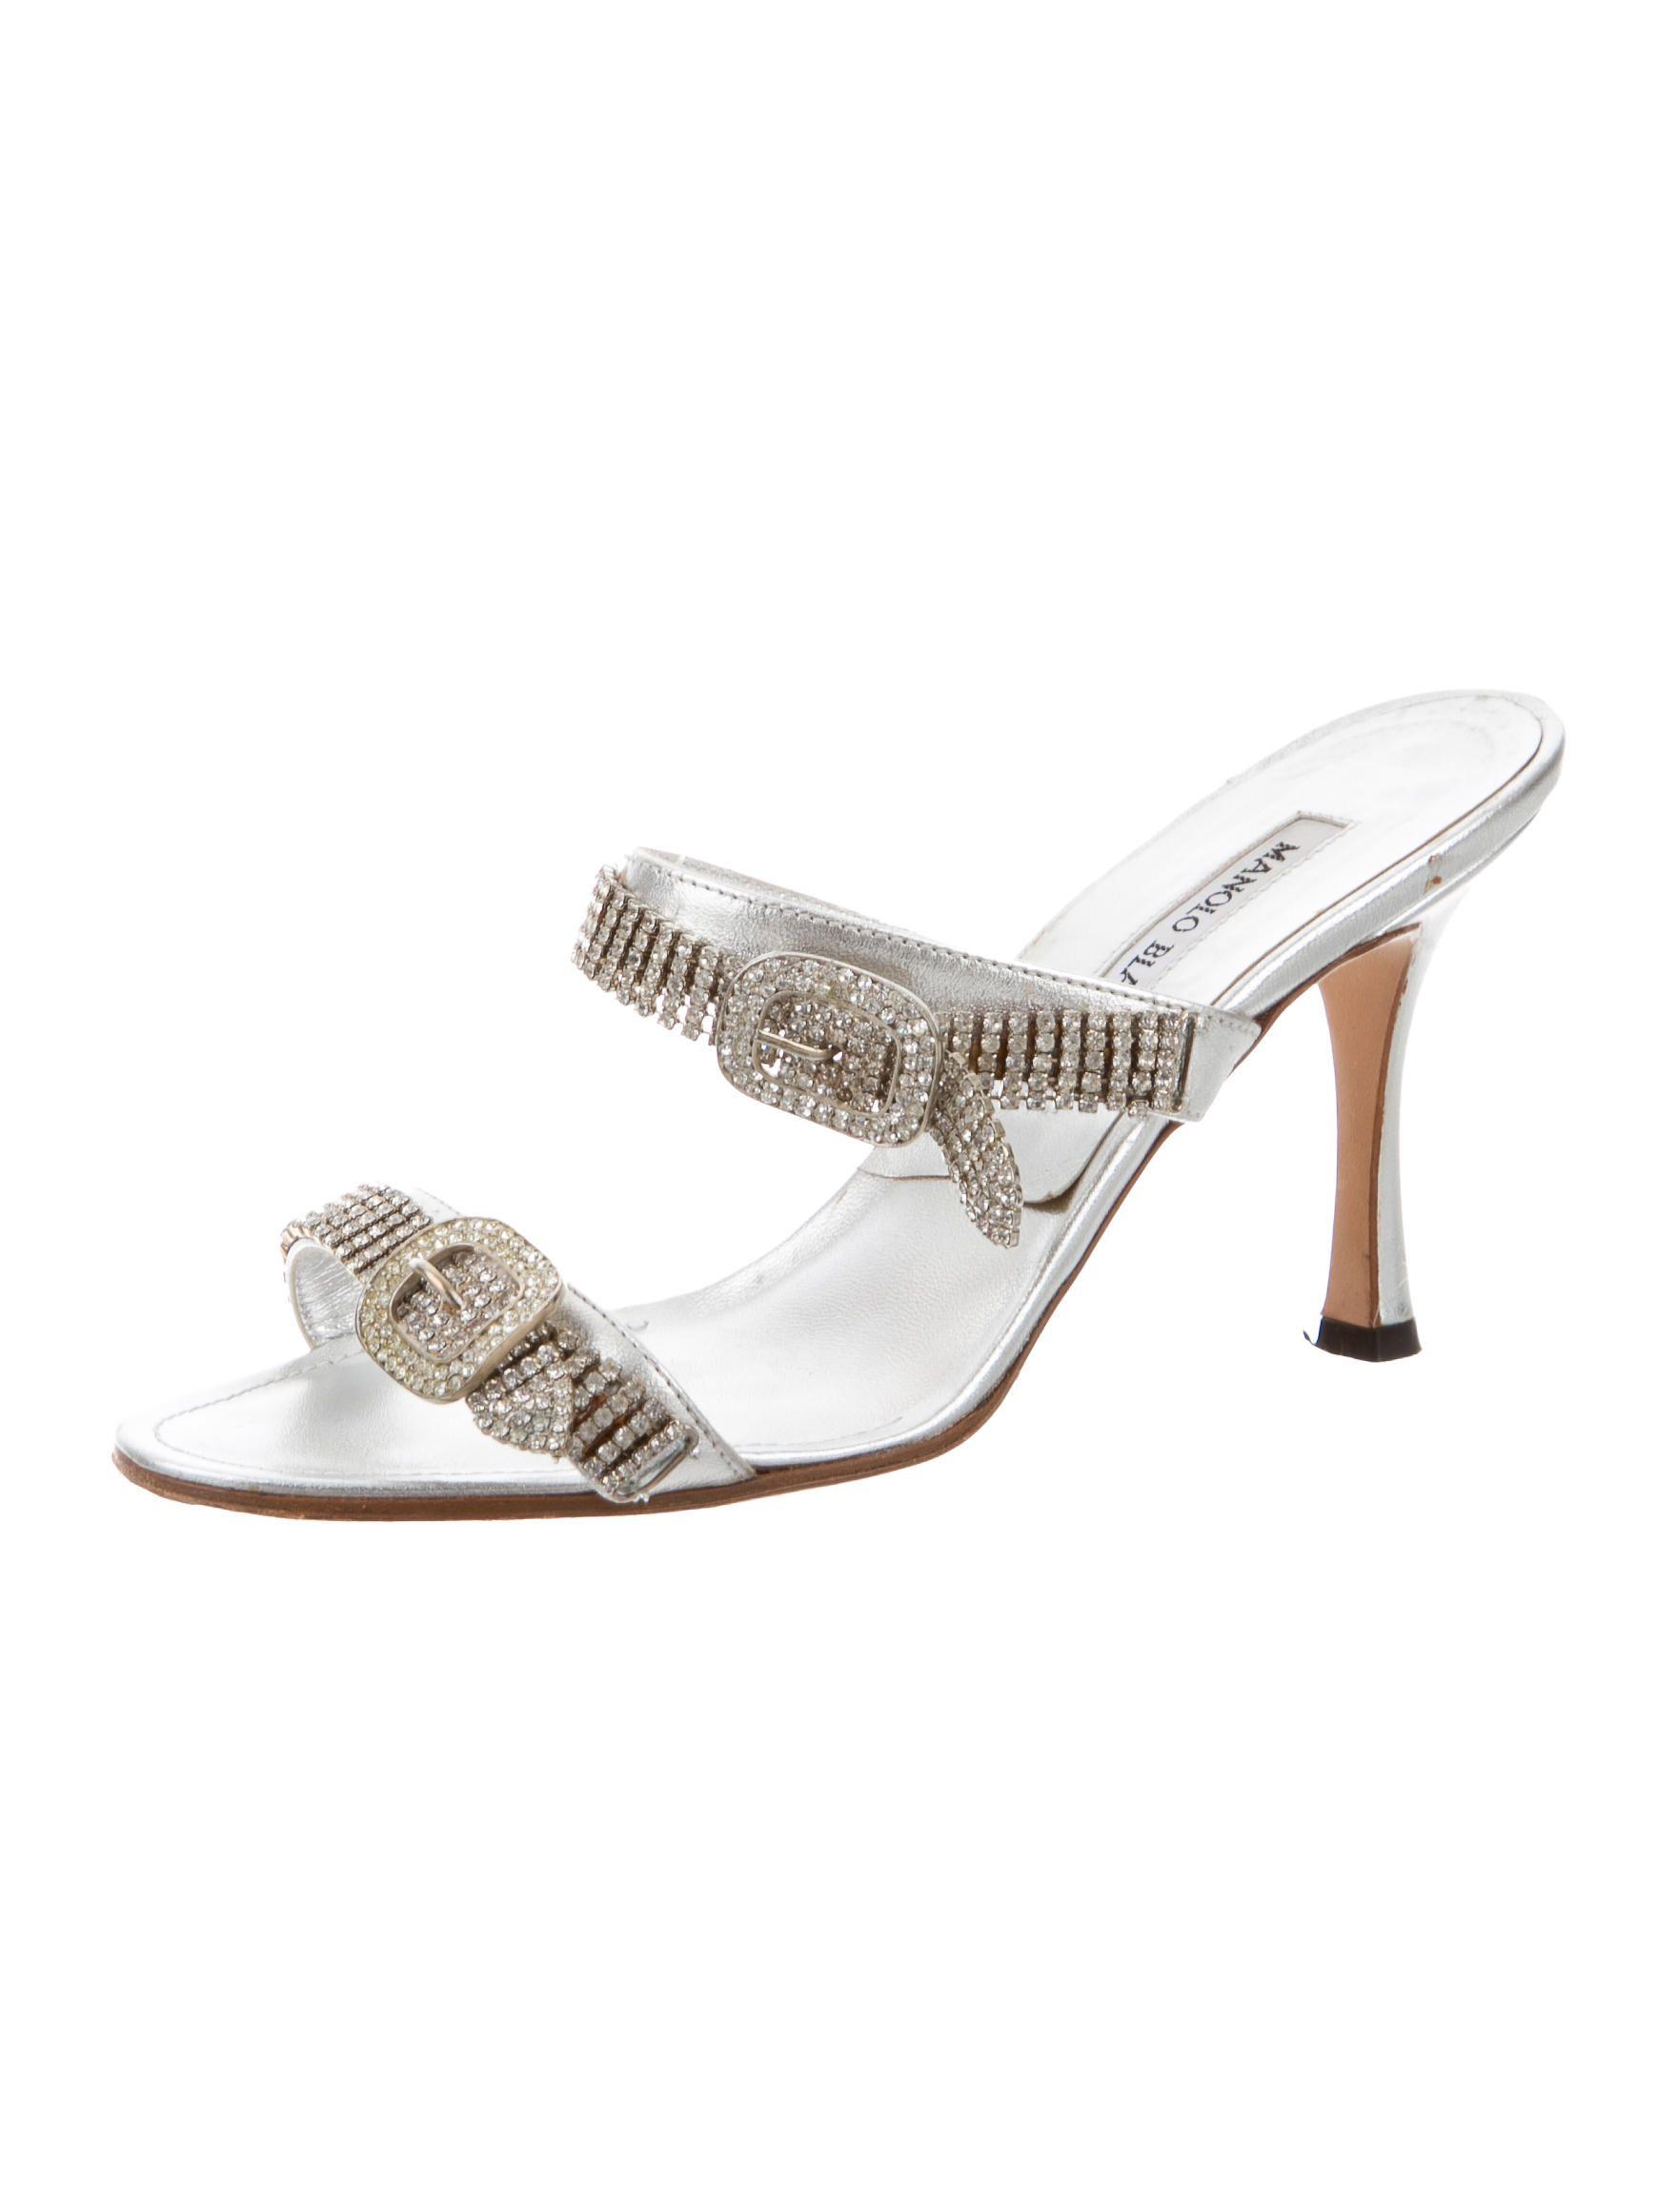 beb9d5879202 Manolo Blahnik Jewel-Embellished Slide Sandals - Shoes - MOO49139